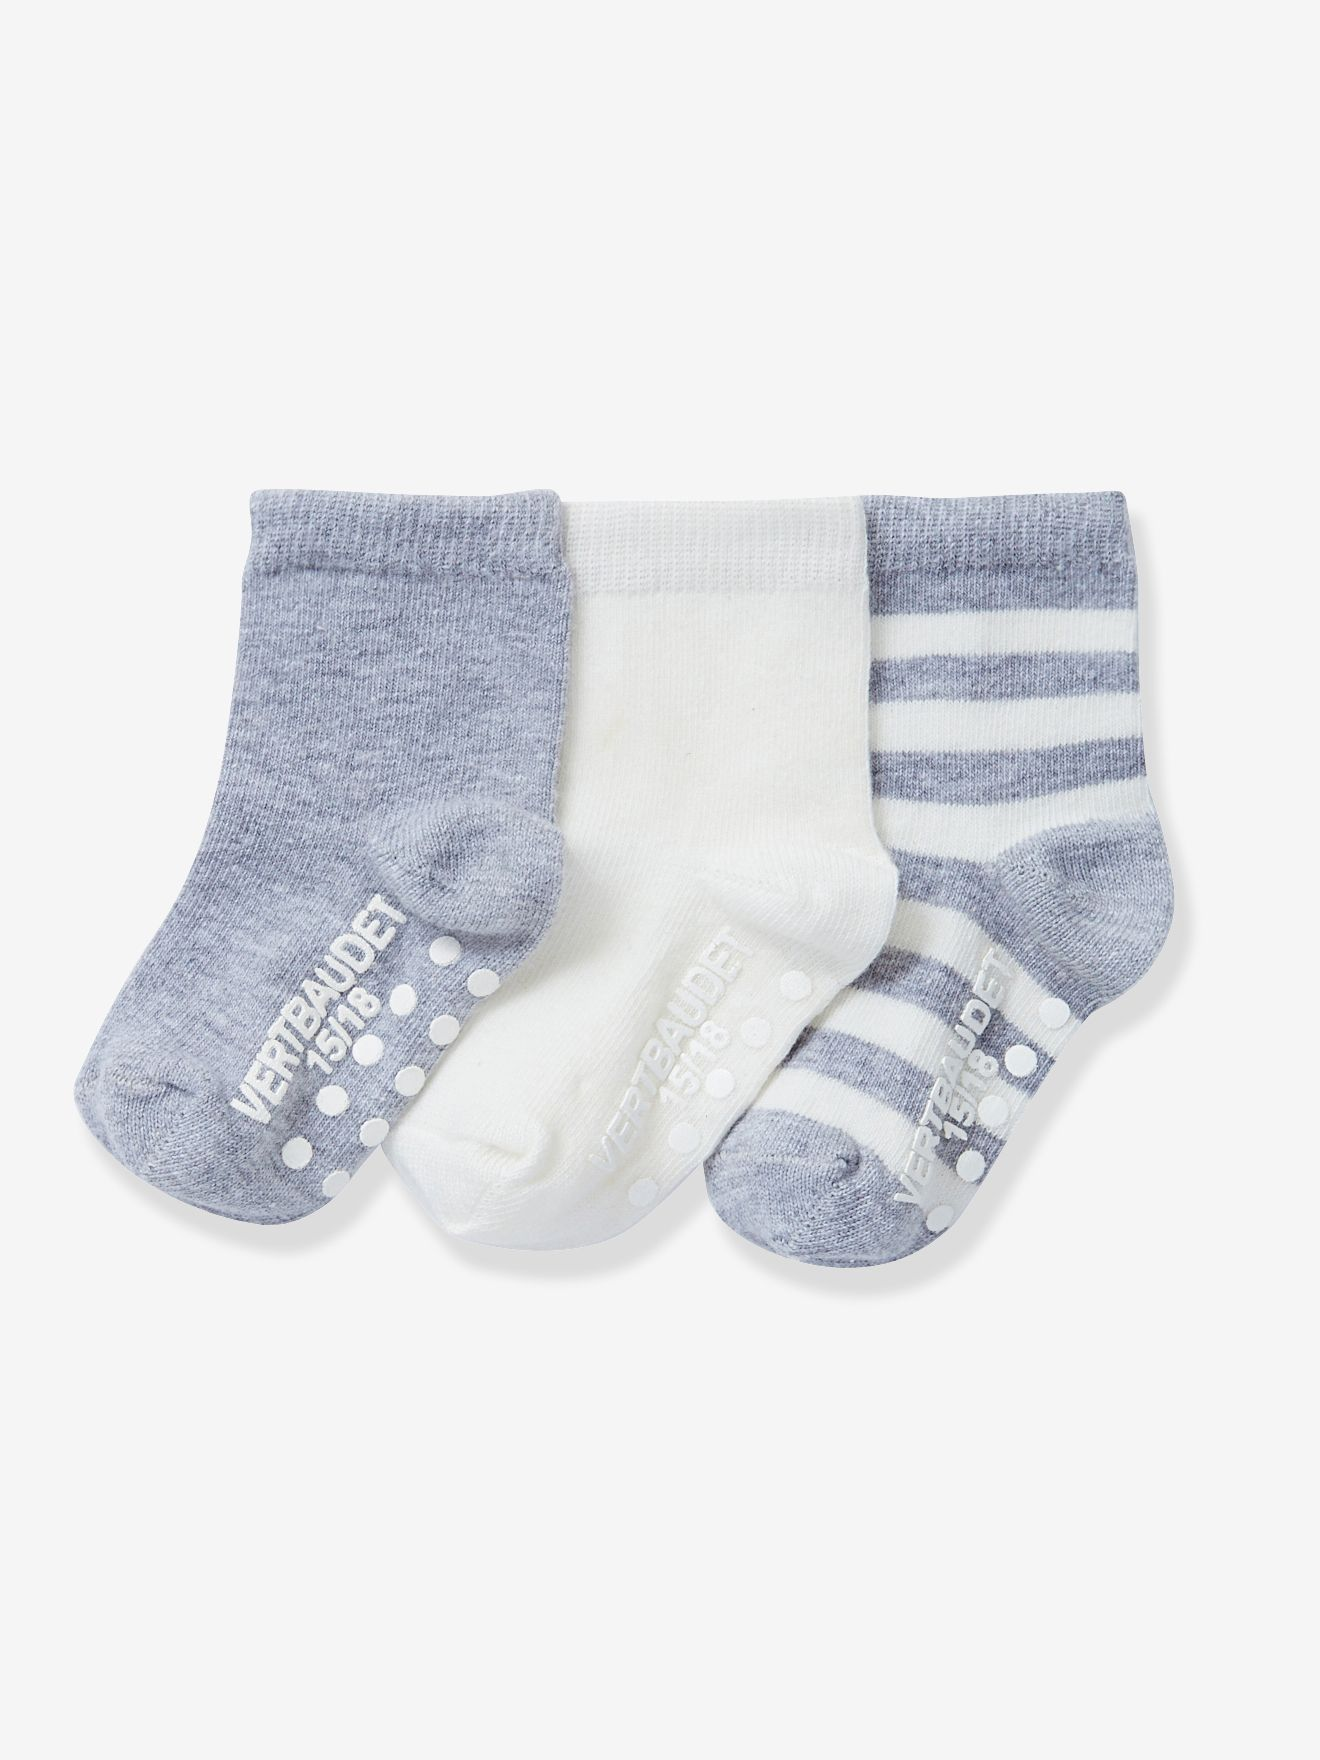 Lot de 3 paires de mi-chaussettes antidérapantes VERTBAUDET